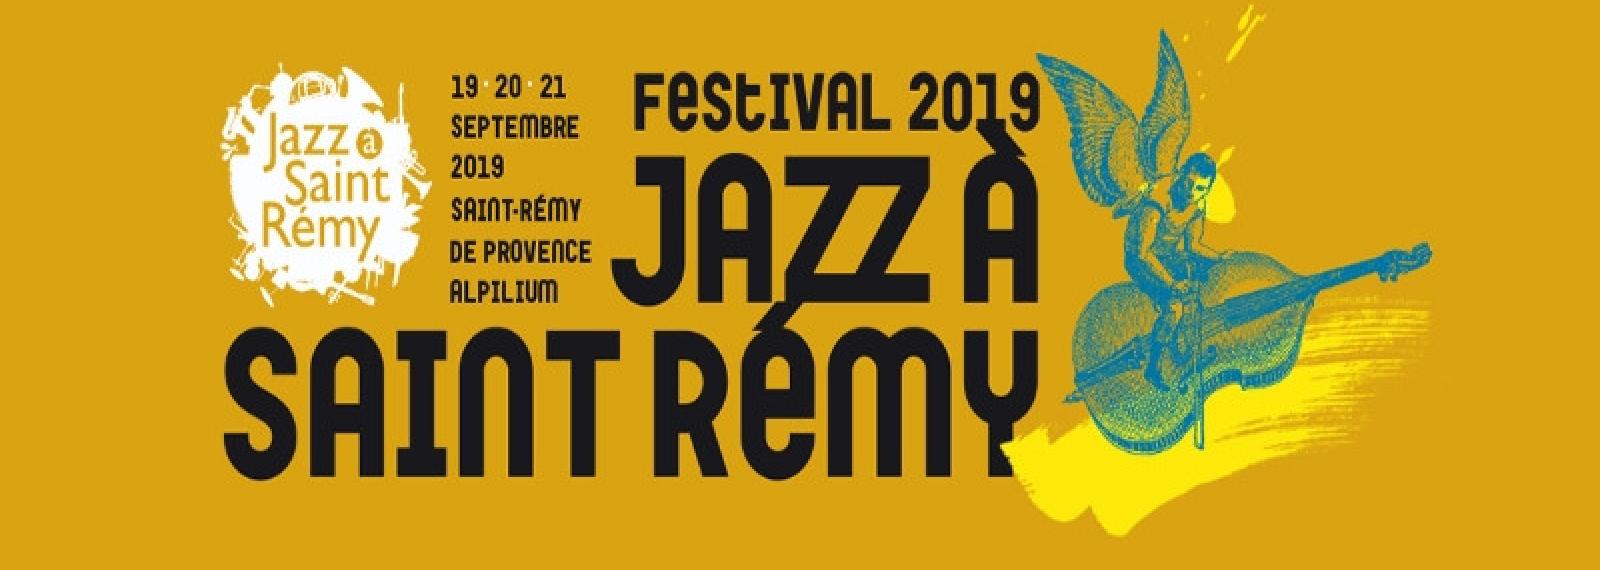 12e édition du festival Jazz à Saint-Rémy